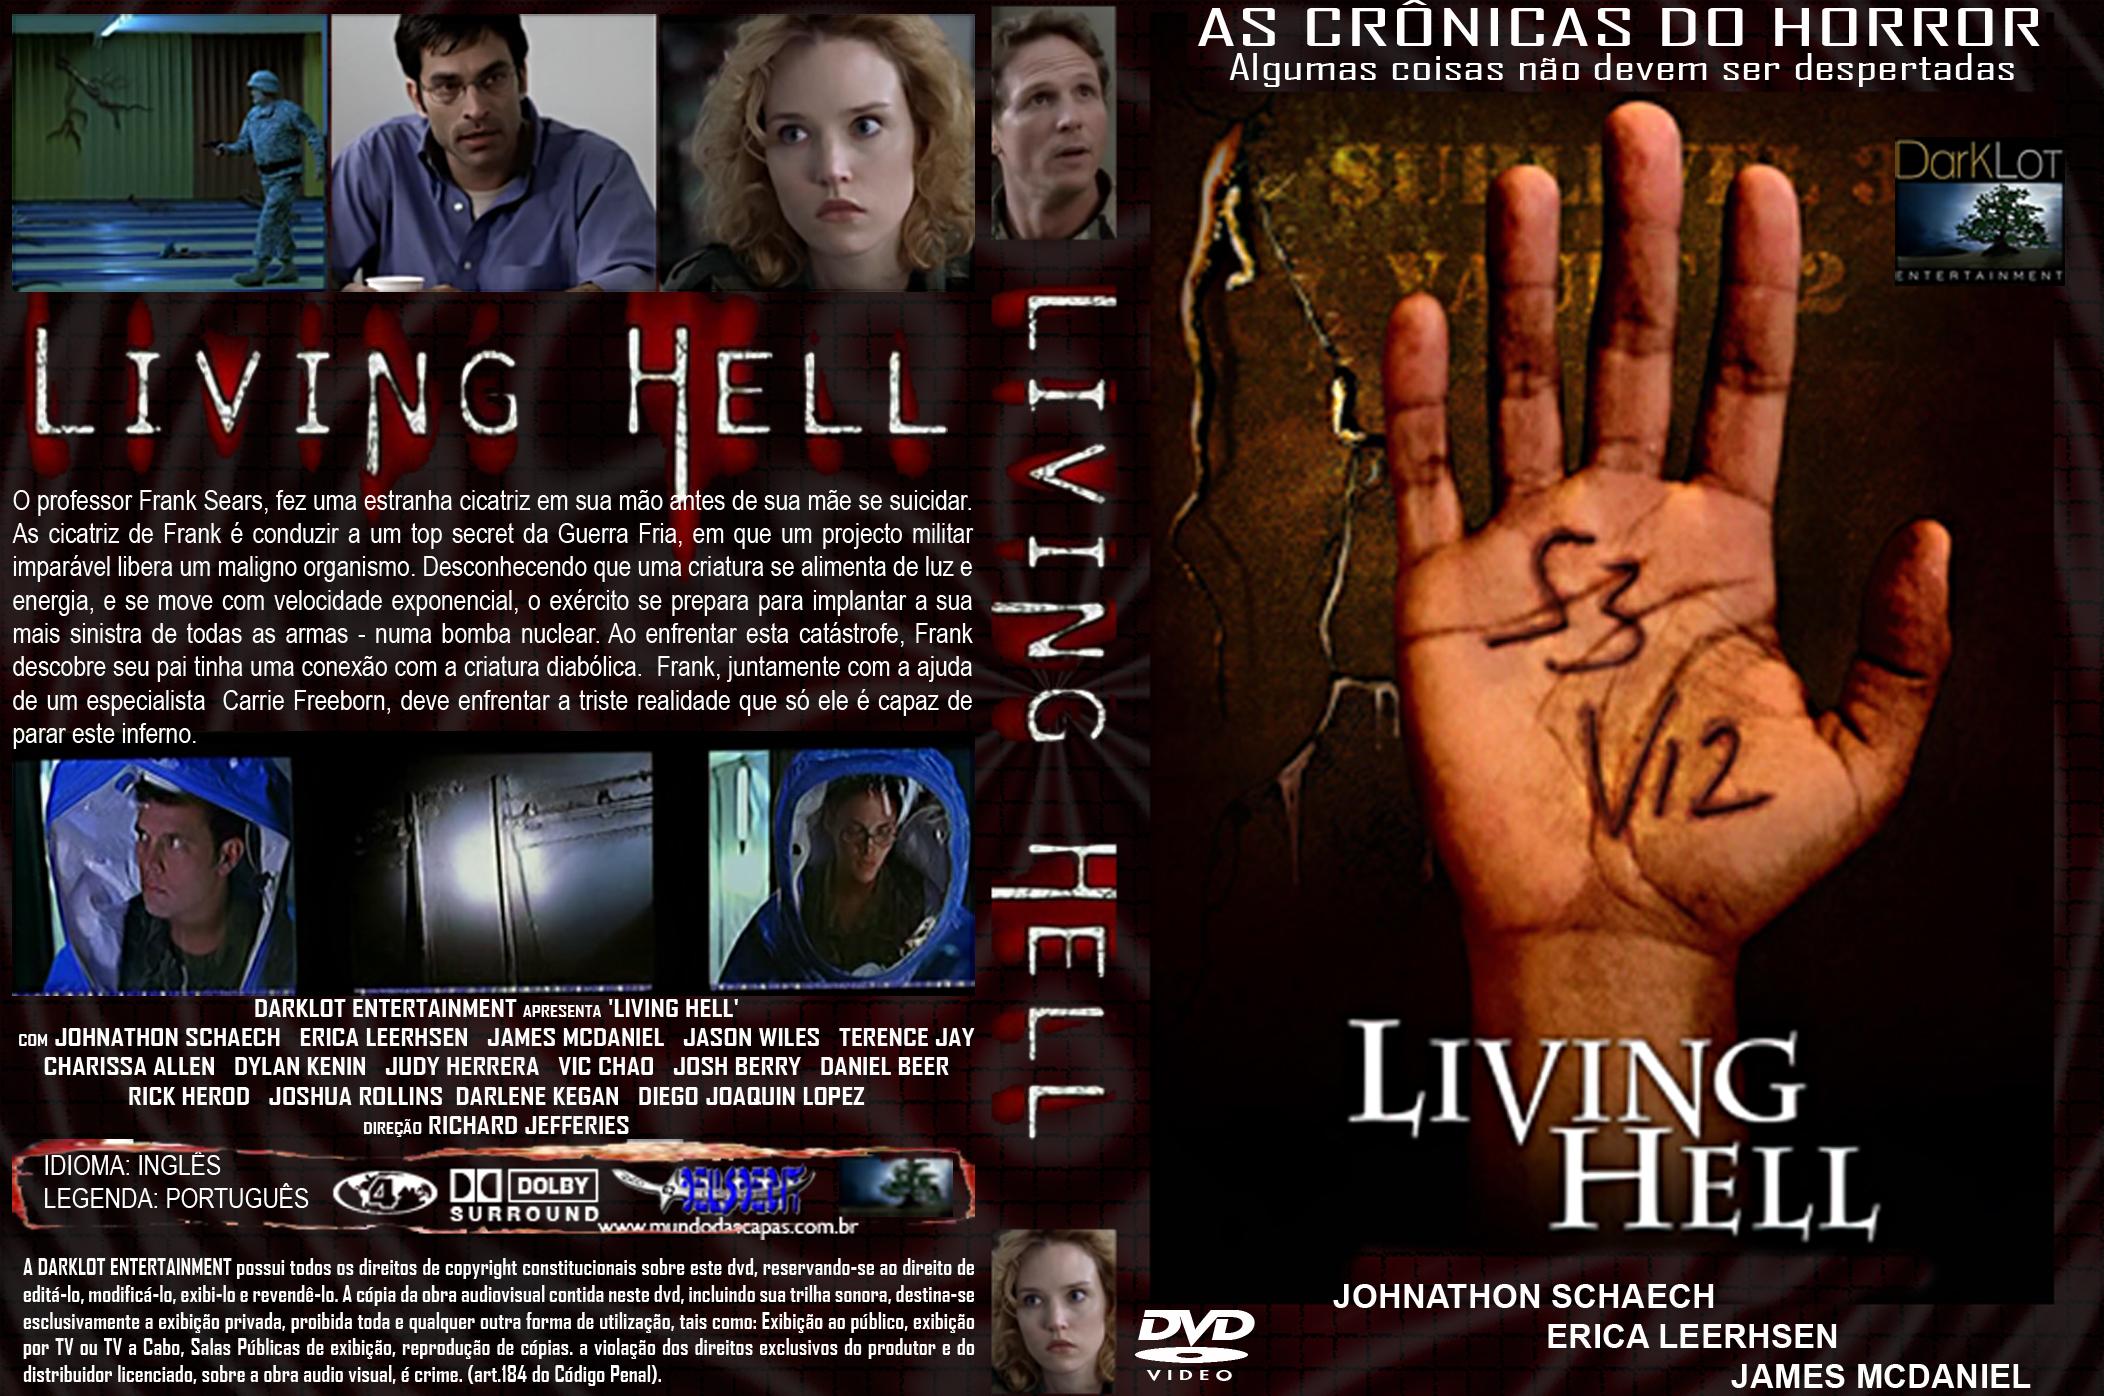 LivingHell